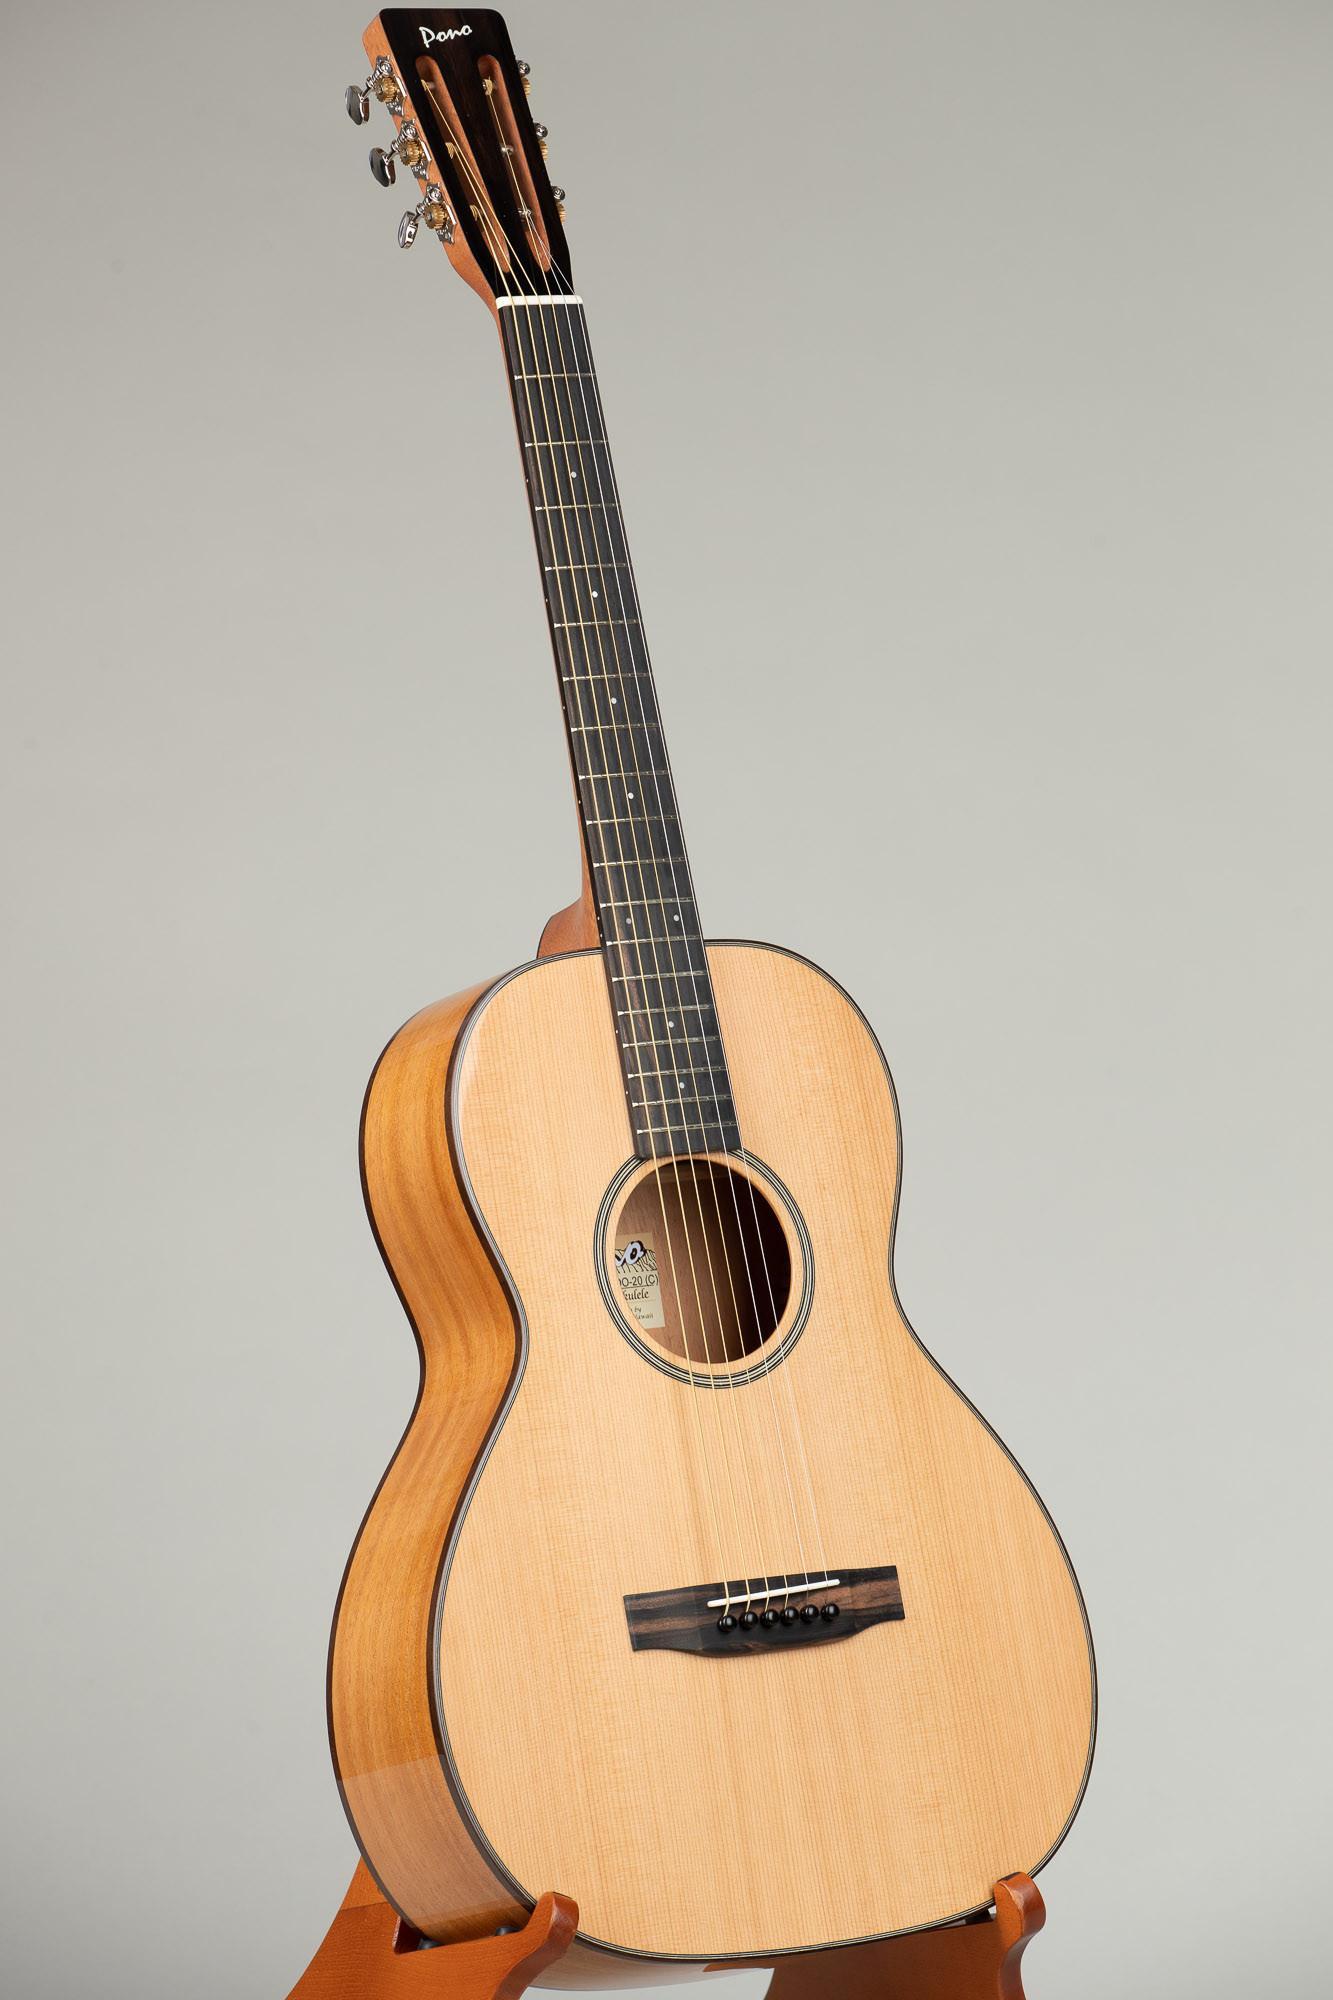 Pono Cedar Top Mahogany Guitar (OO-20(C) 3103)